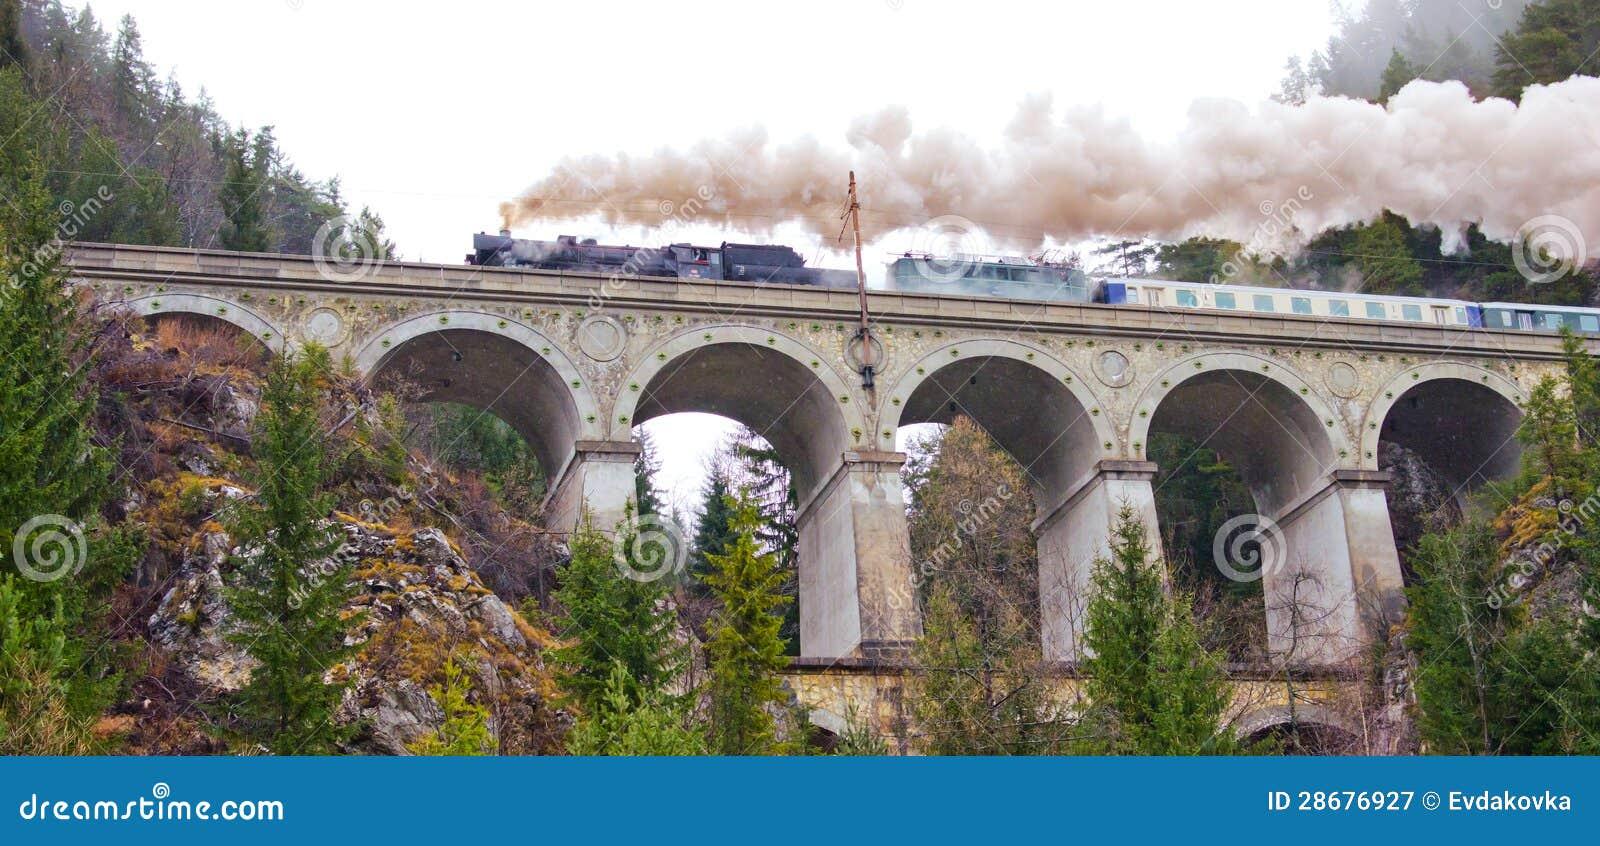 De Spoorweg van Semmering. Aquaduct in de Oostenrijkse Alpen.